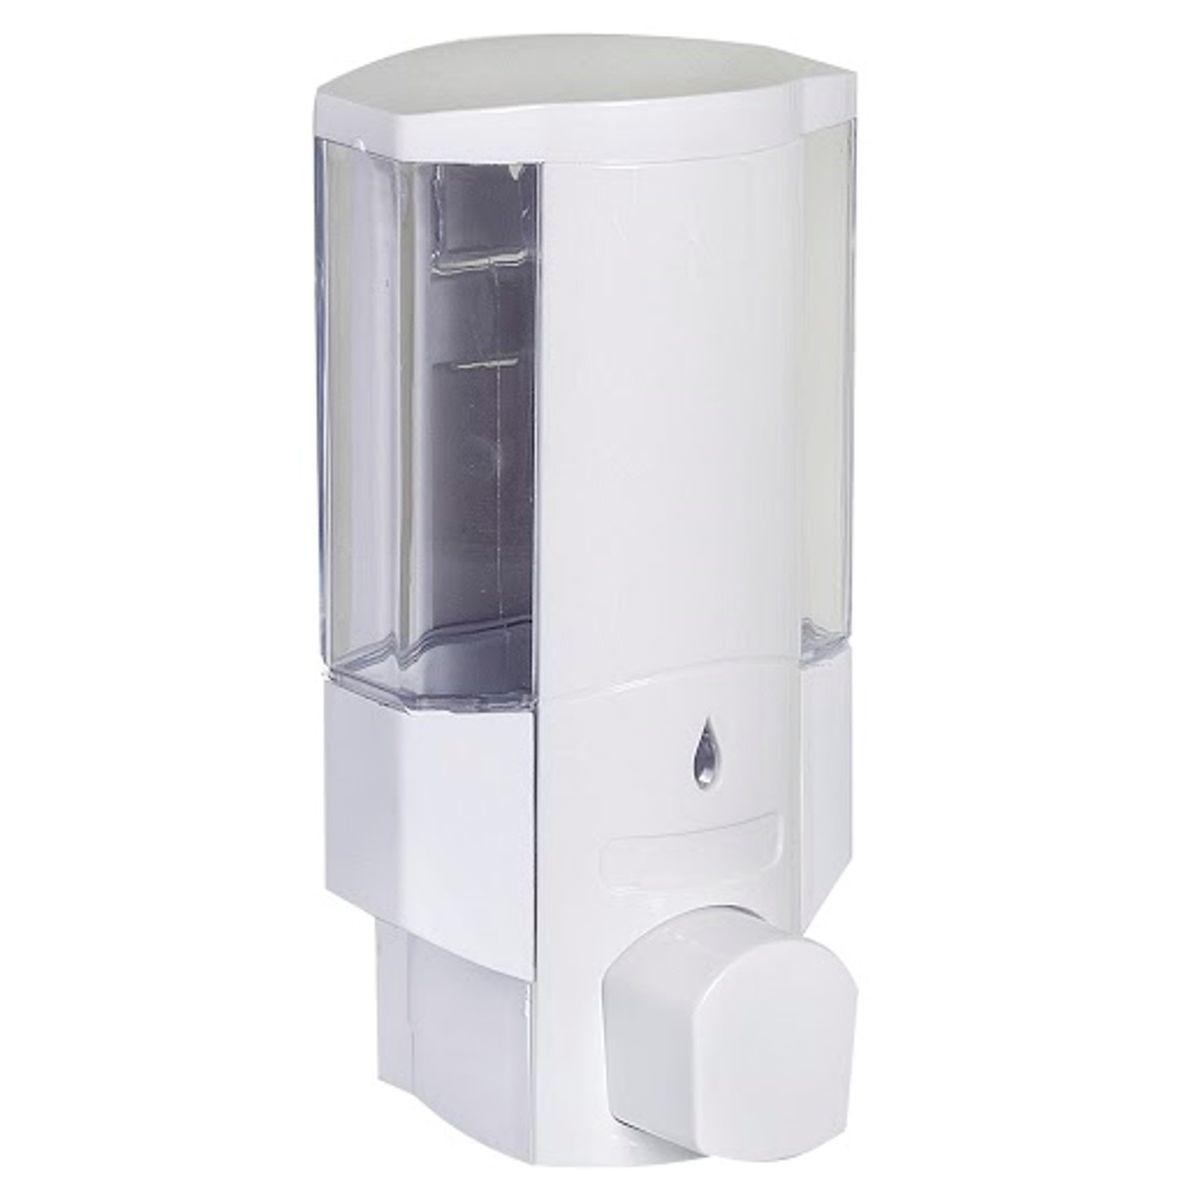 Диспенсер для жидкого мыла Vanstore, 380 мл100-49000000-60Настенный диспенсер для жидкого мыла Vanstore изготовлен из прочного пластика с прозрачным окошком. Надежен и удобен в использовании. Крепится на шурупах (в комплекте). Подходит как для домашнего, так и для профессионального использования.